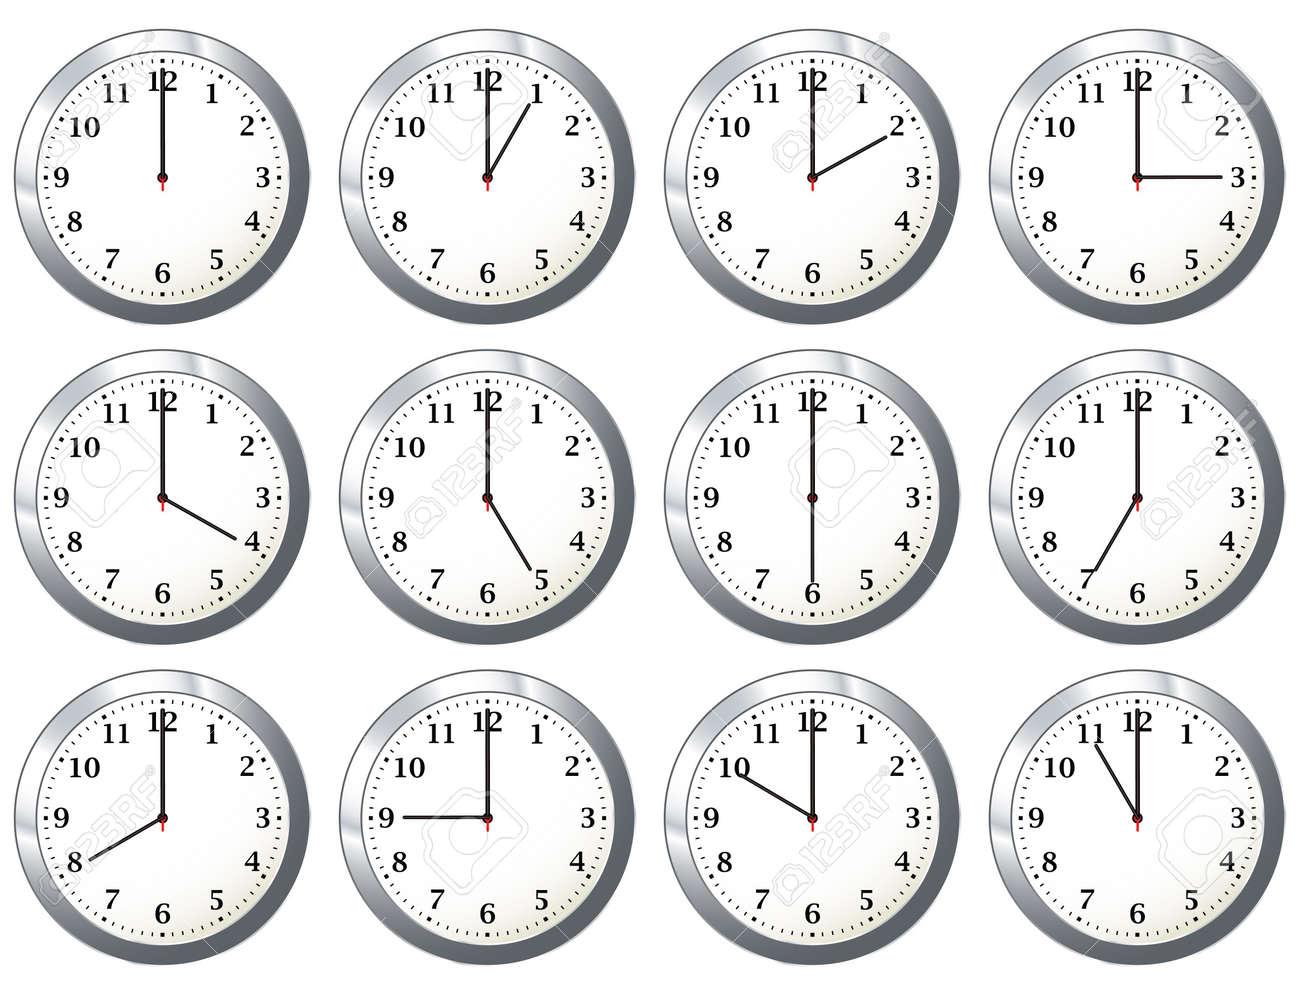 Foto De Archivo Variaciones Con La Manecilla De Las Horas De Tiempo De Reloj De Pared De Oficina Con Dias Completos